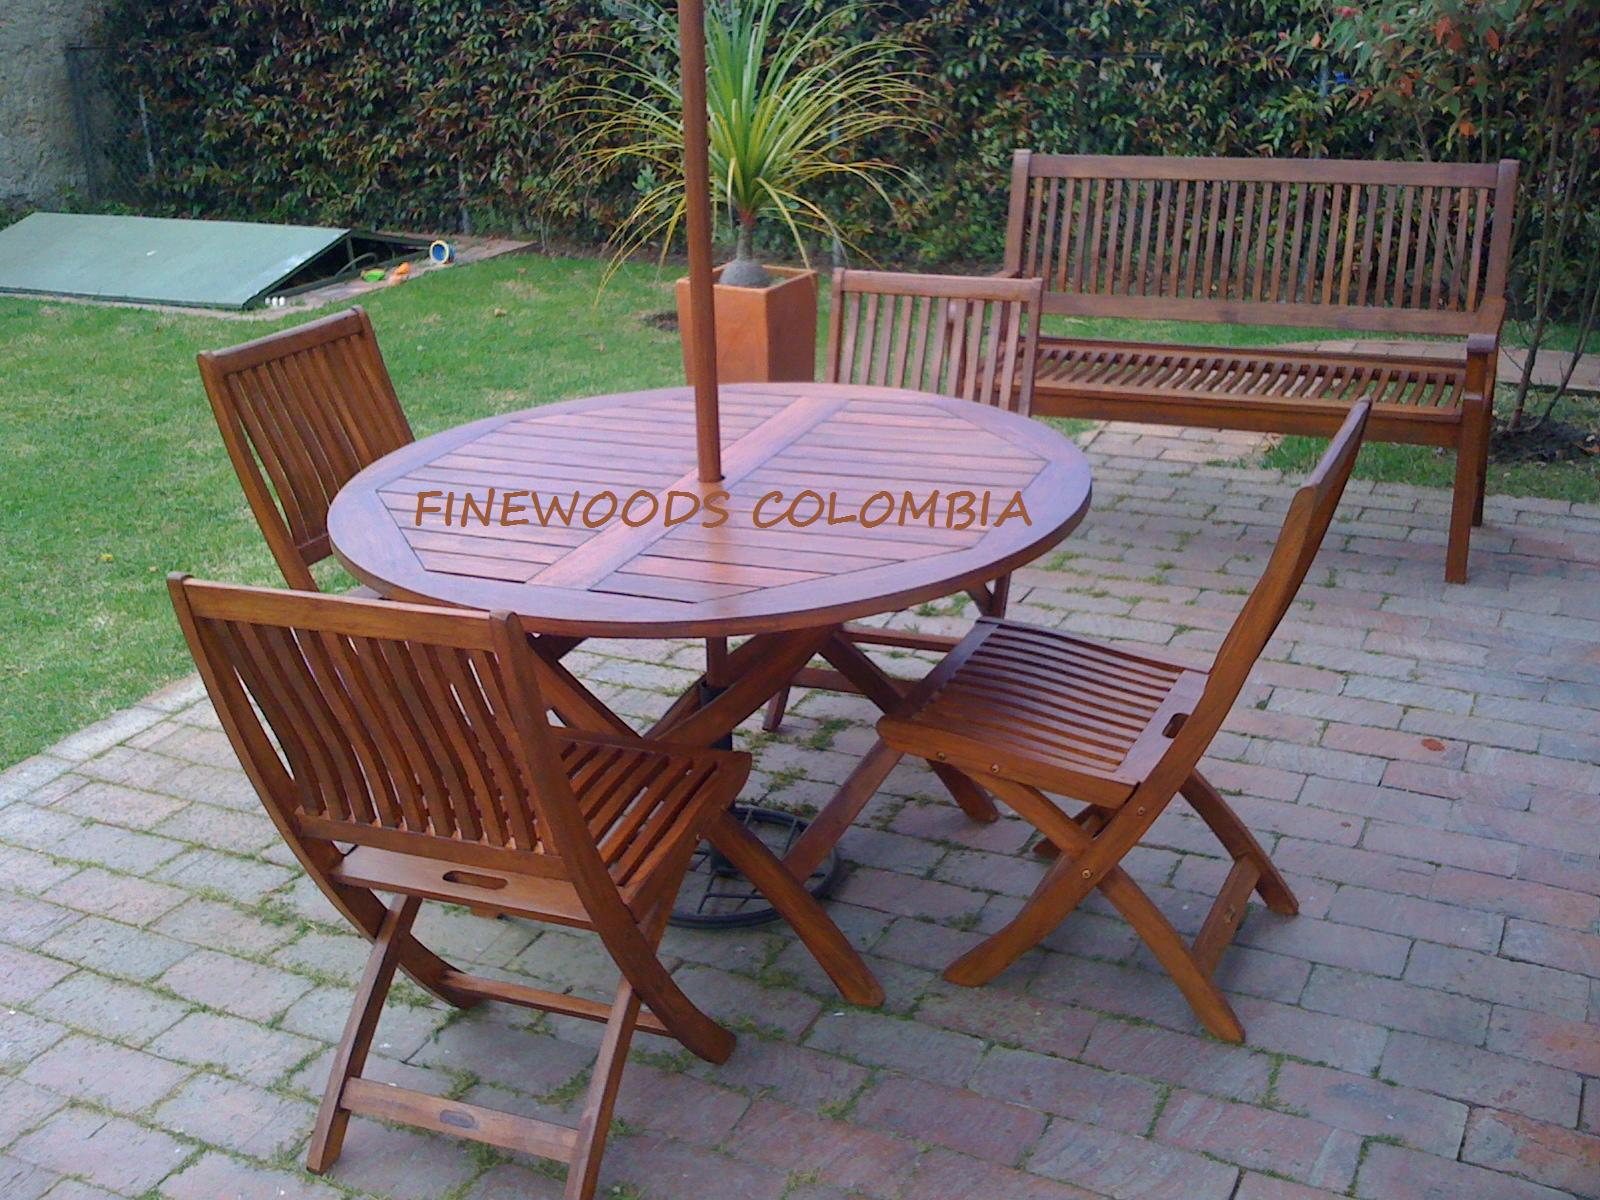 Finewoods colombia muebles exterior - Muebles de exteriores ...